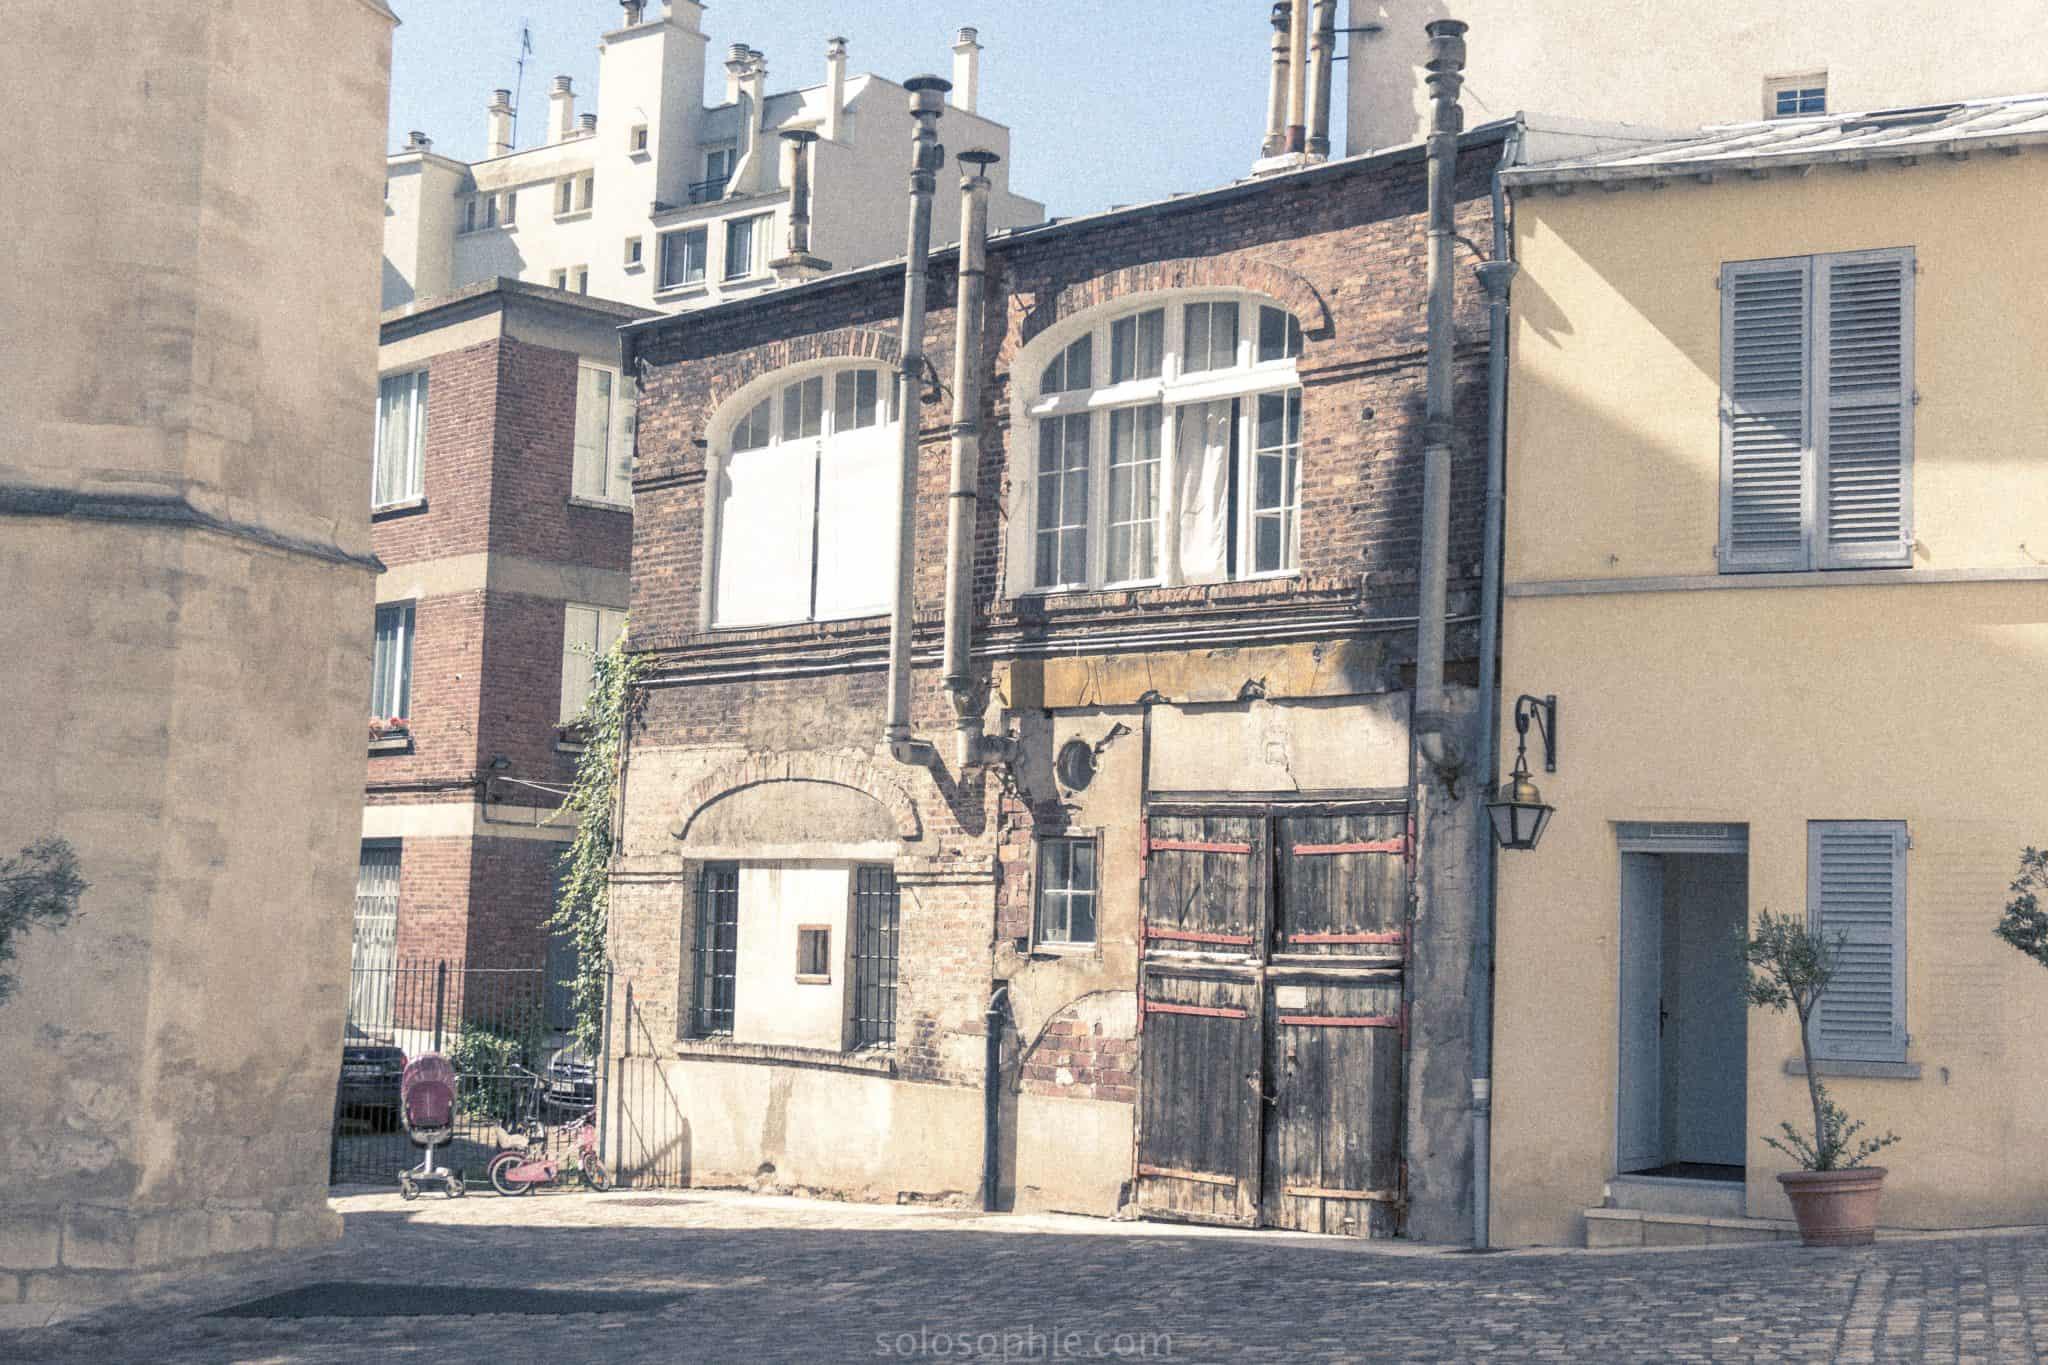 Château de la Reine Blanche, Îlot de la Reine Blanche, 13e arrondissement, paris, france: home to the gobelin family